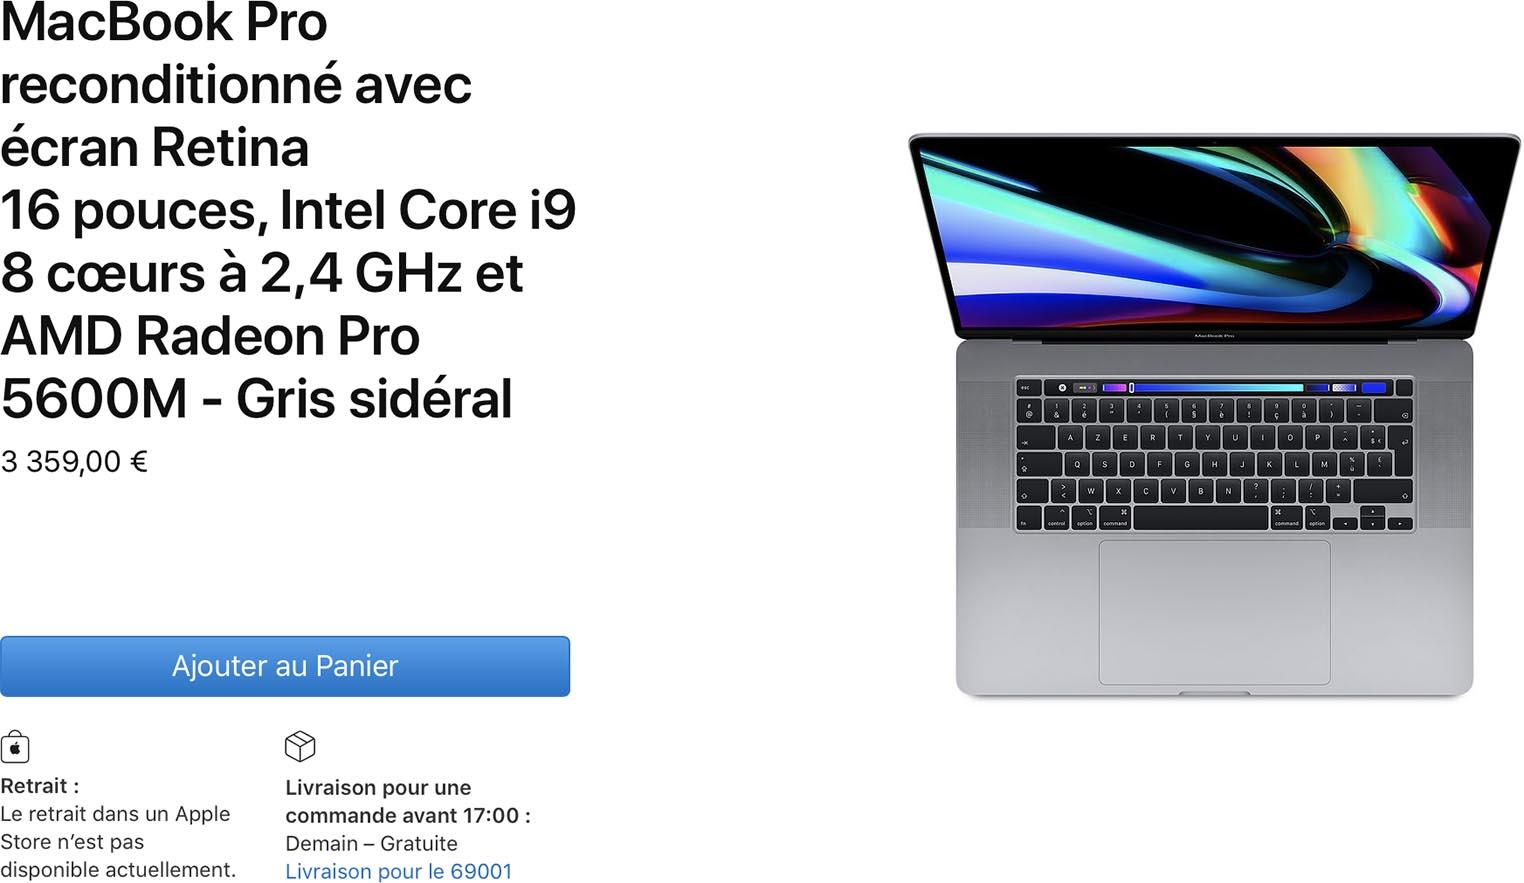 MacBook Pro 16 pouces 5600M Refurb